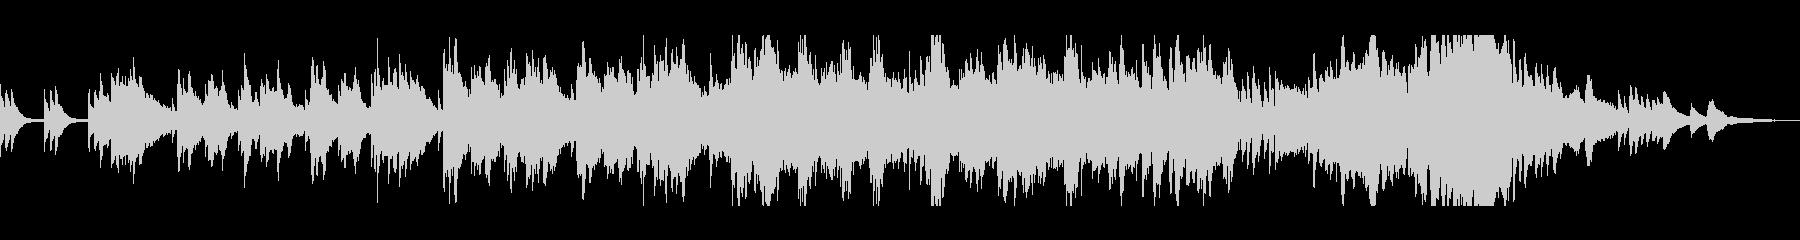 ピアノを基調とした落ち着いたバラードの未再生の波形